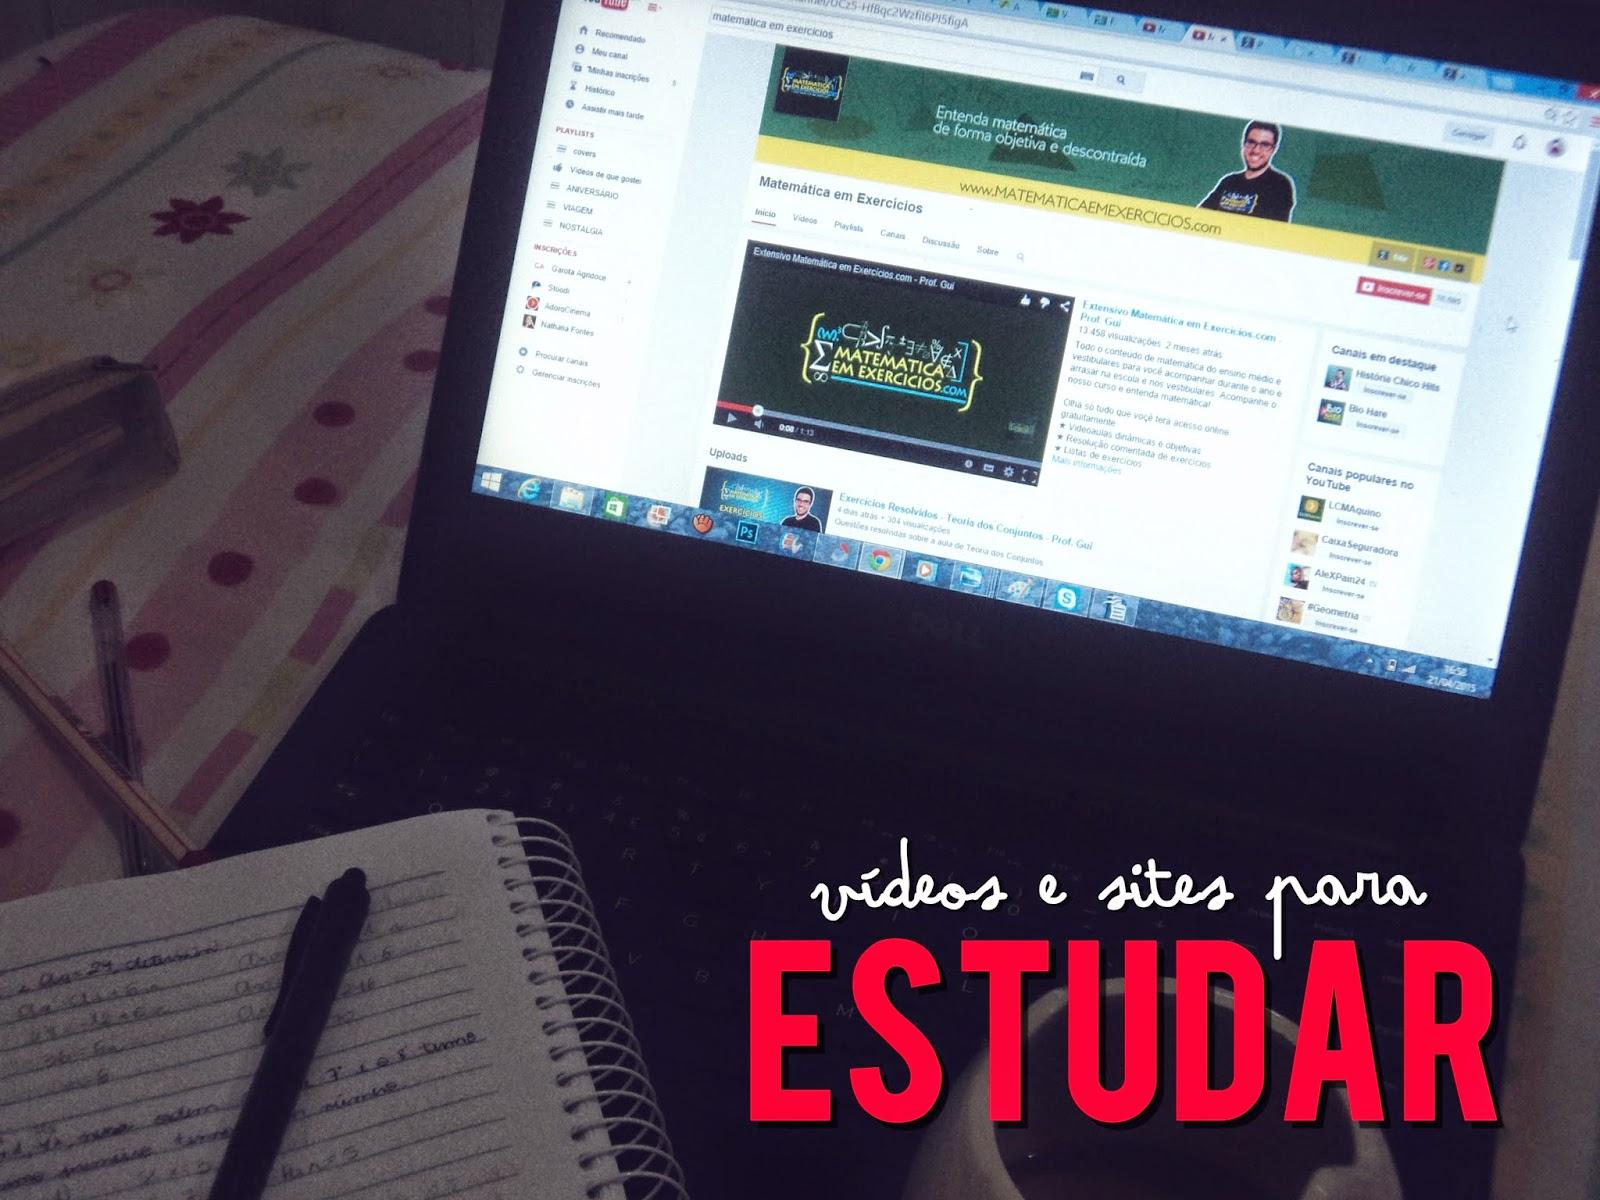 estudar sites vídeos online